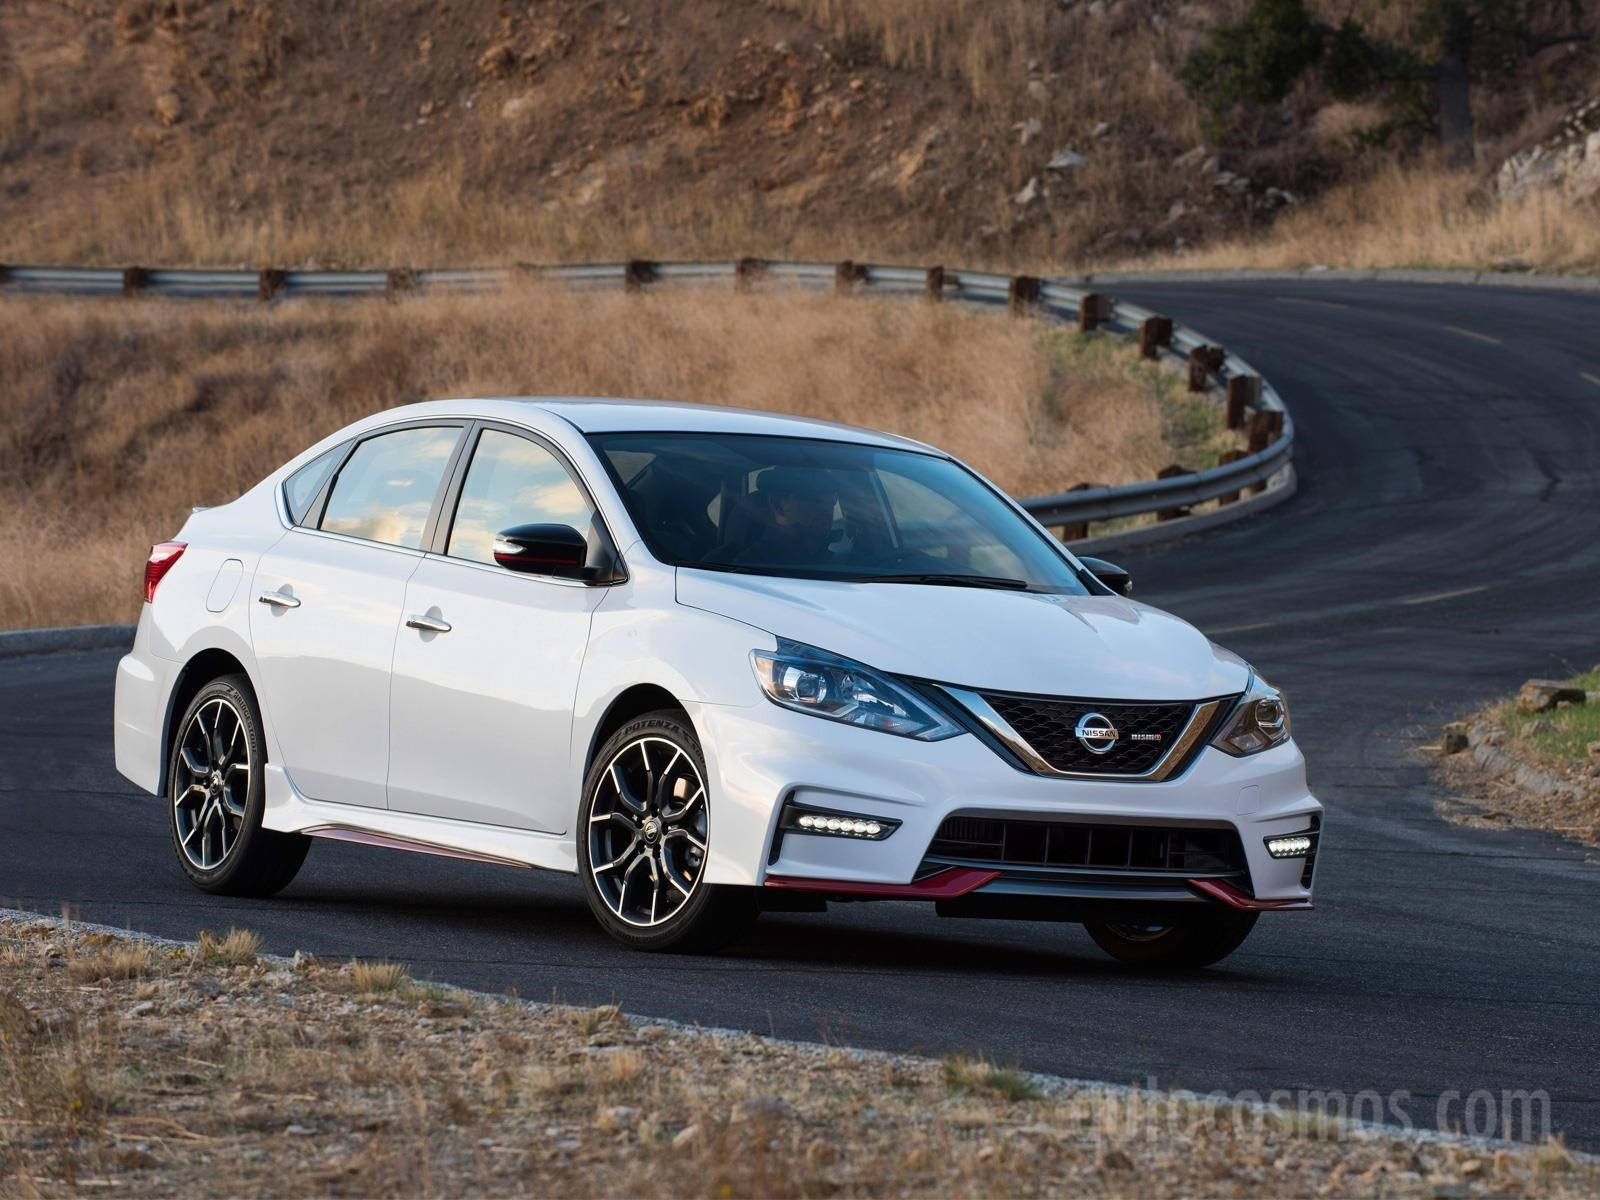 Nissan Sentra NISMO 2018 llega a México en $437,400 pesos ...